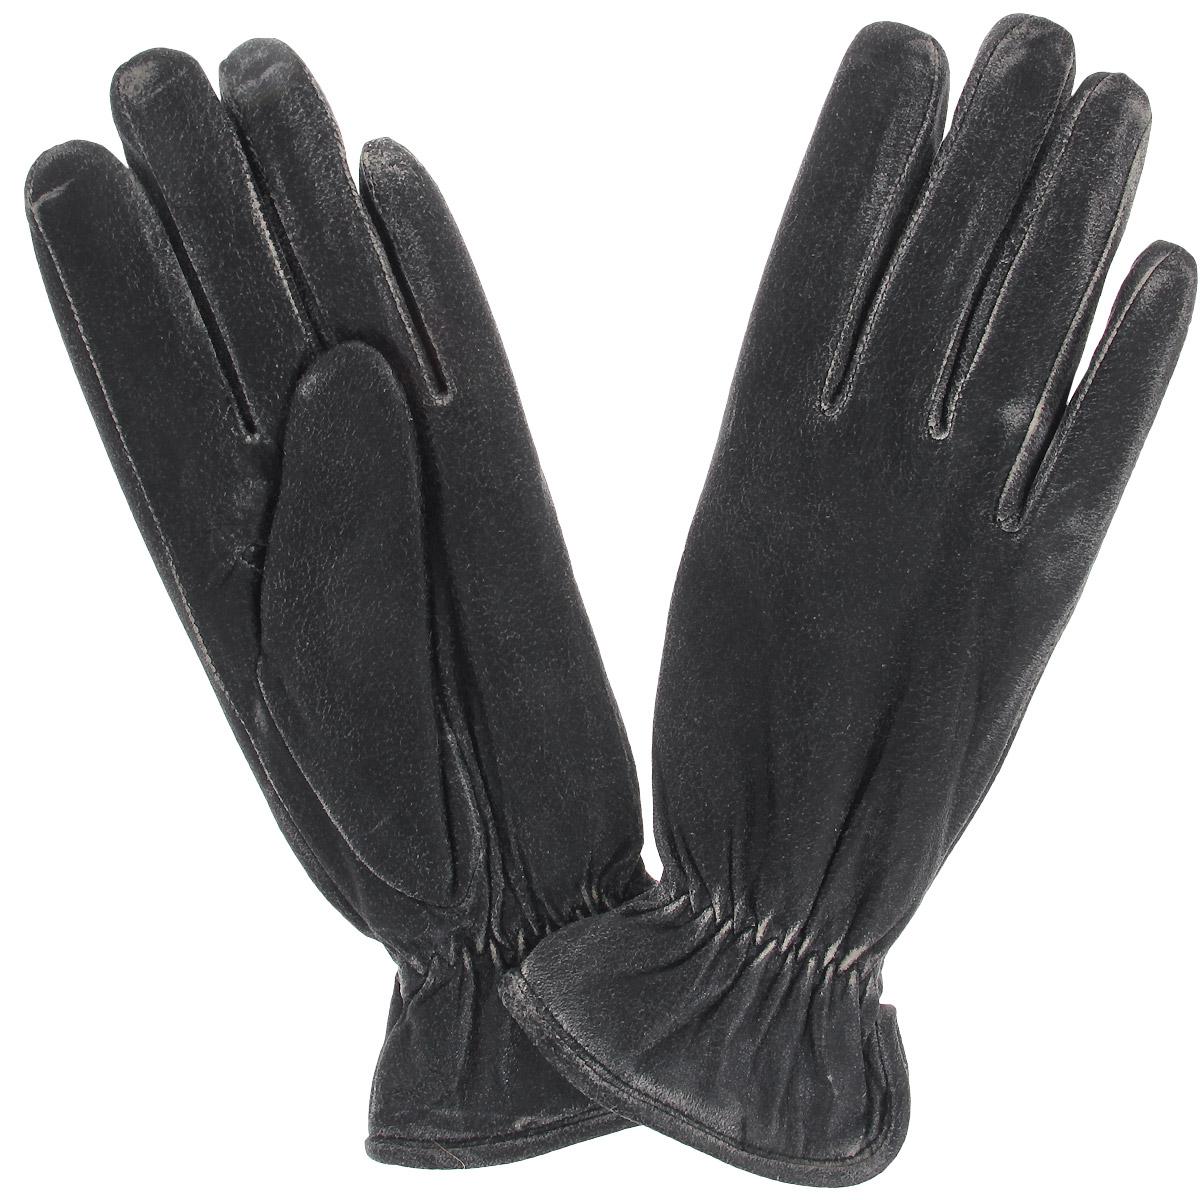 Перчатки женские Dali Exclusive, цвет: серый. VIALE/MEL. Размер 7,5VIALE/MELСтильные женские перчатки Dali Exclusive с подкладкой из флиса выполнены из мягкой и приятной на ощупь натуральной кожи ягненка.Манжеты собраны на резинку для наилучшего прилегания к запястью. Такие перчатки подчеркнут ваш стиль и неповторимость и придадут всему образу нотки женственности и элегантности.